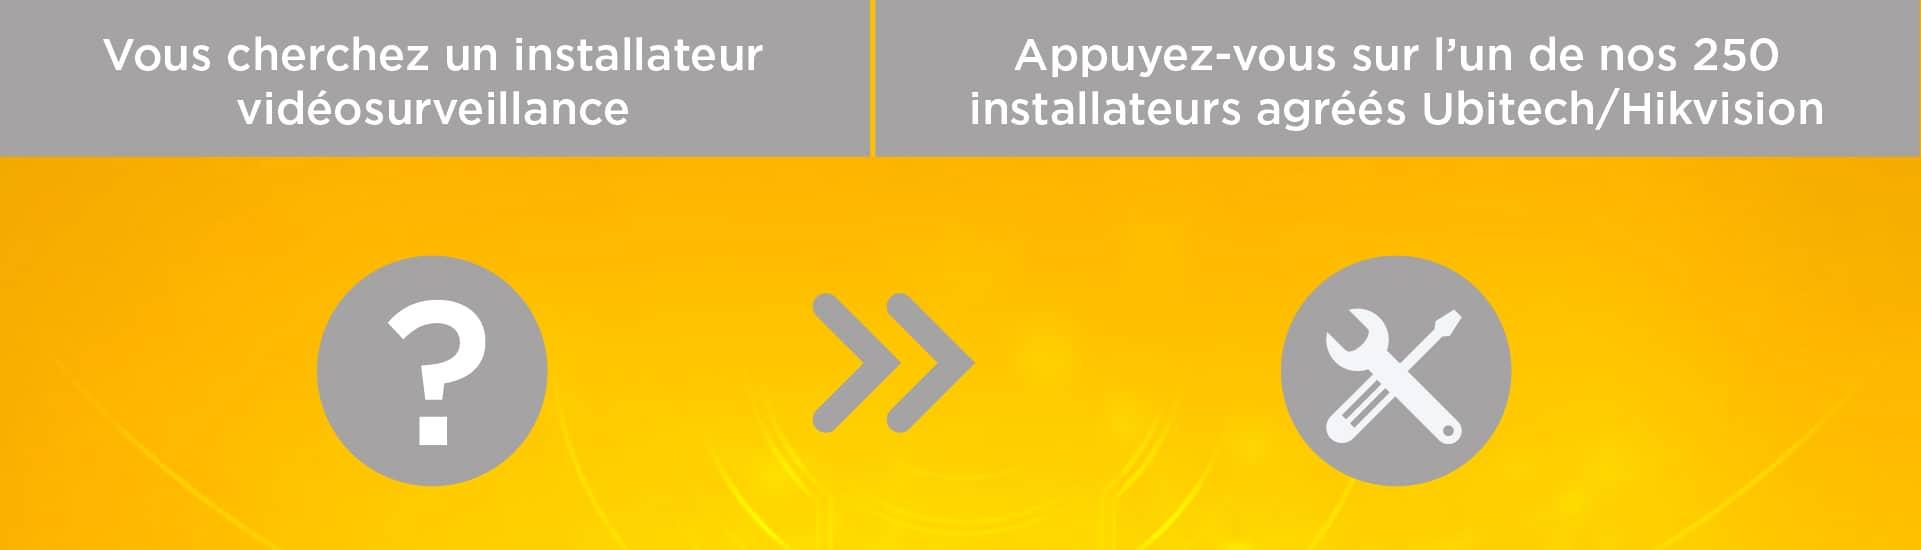 Installateurs pour votre vidéosurveillance IP